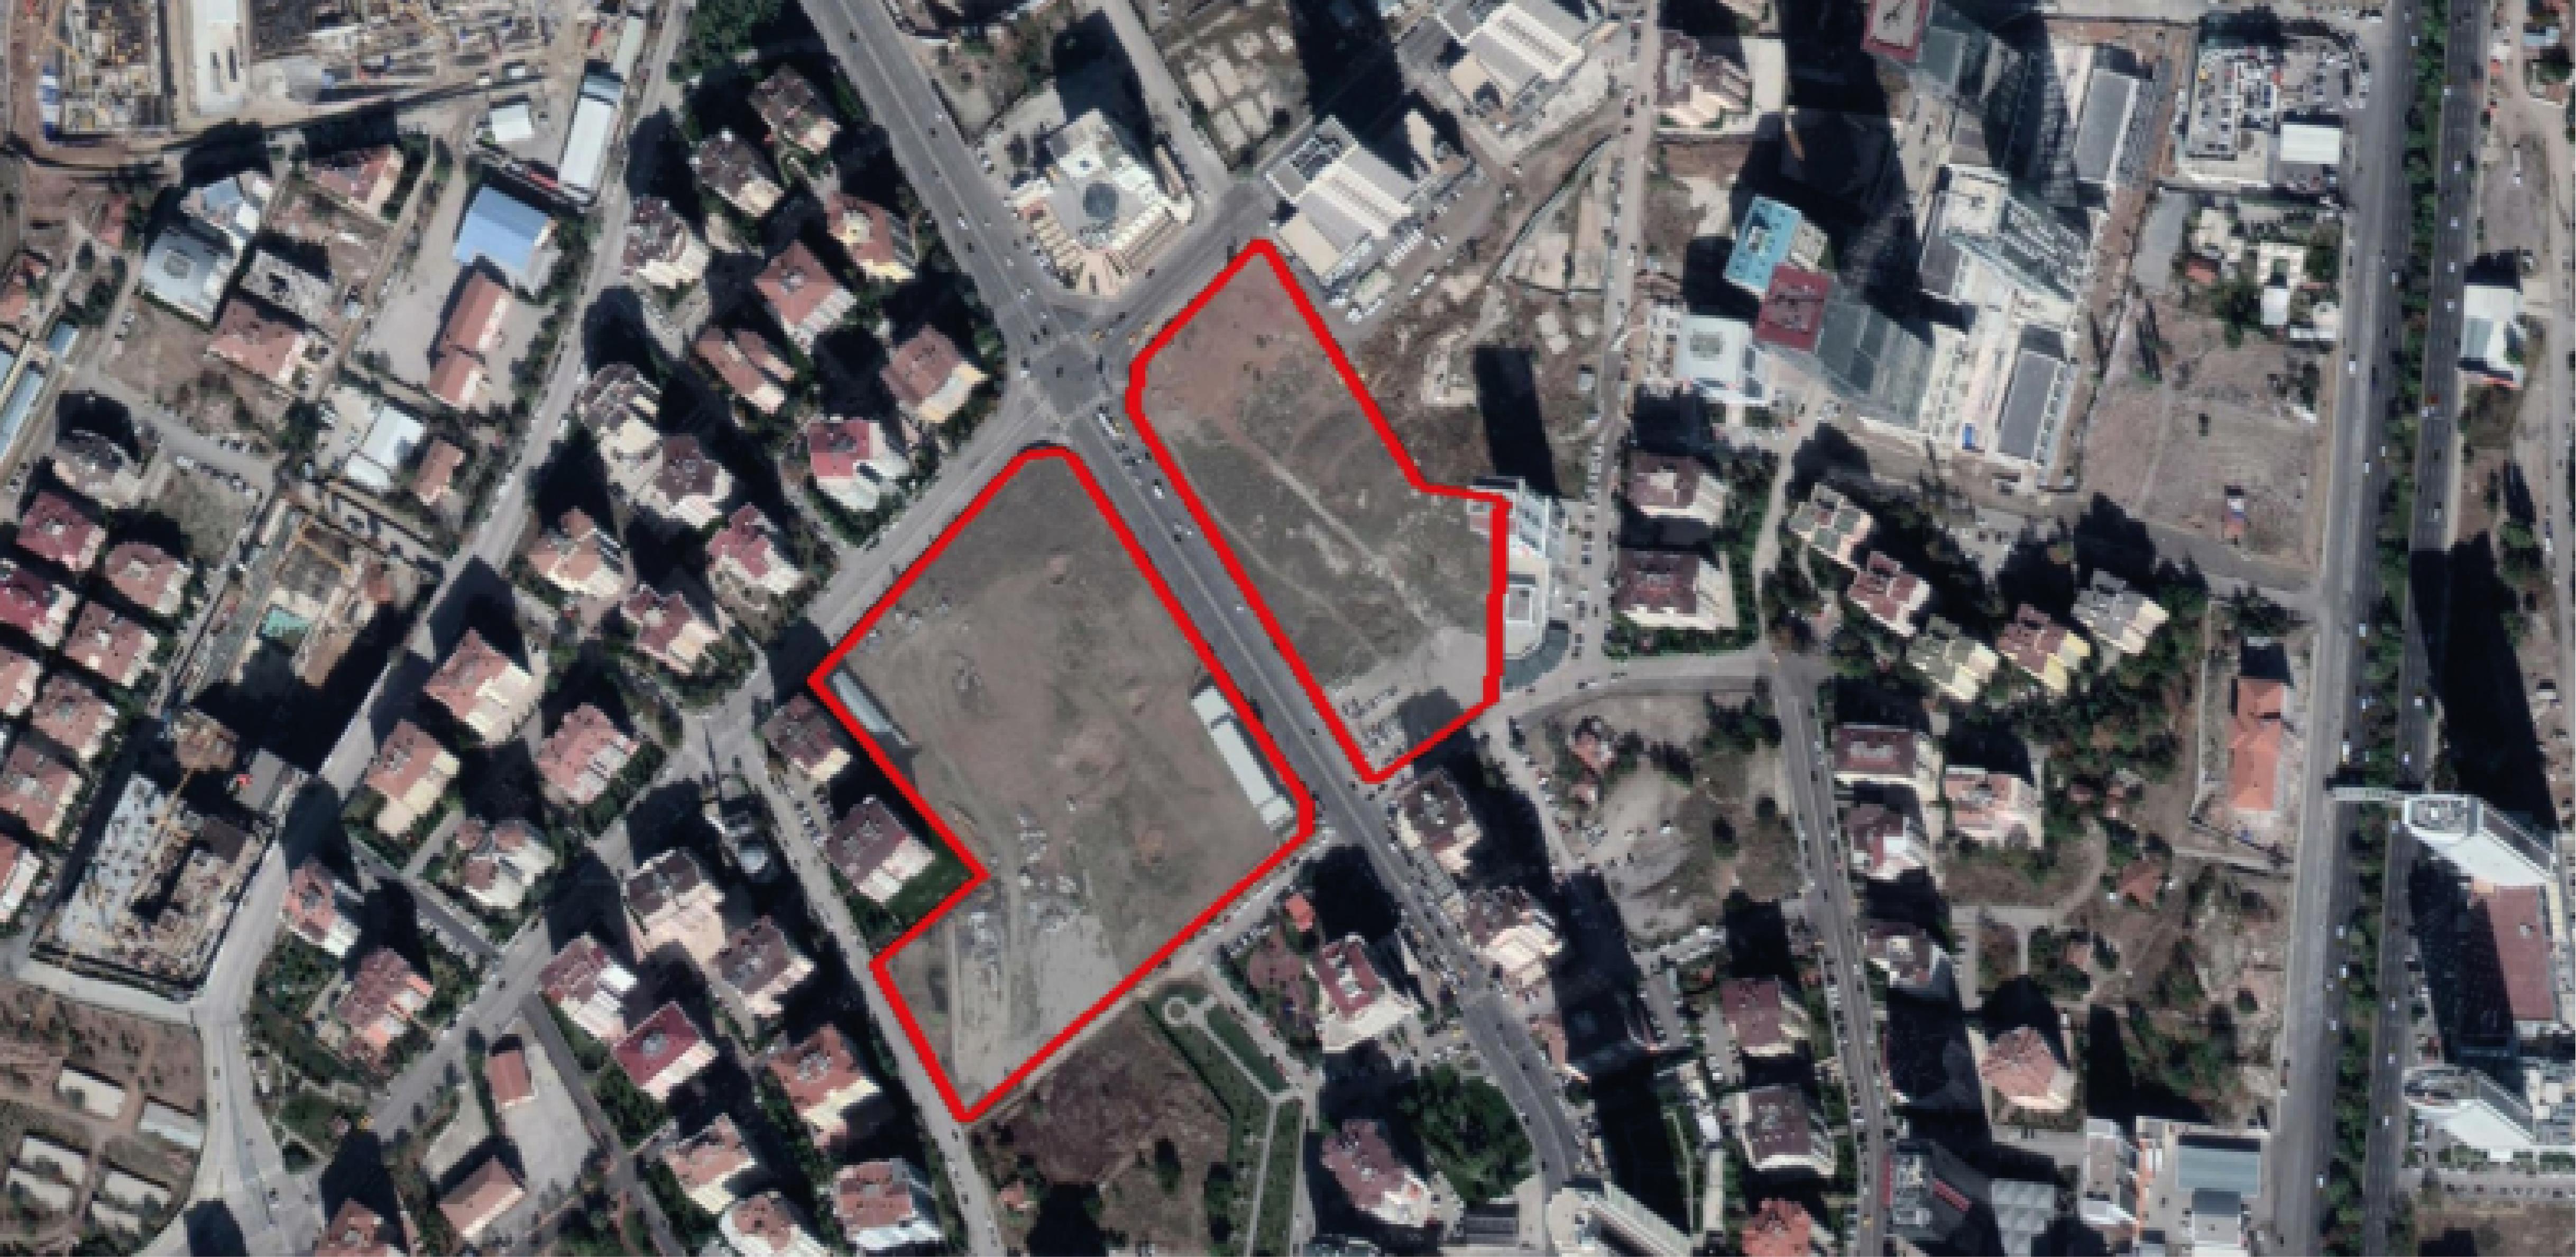 Şehir plancıları: TOKİ kamu arazilerini satışa çıkararak suç işliyor